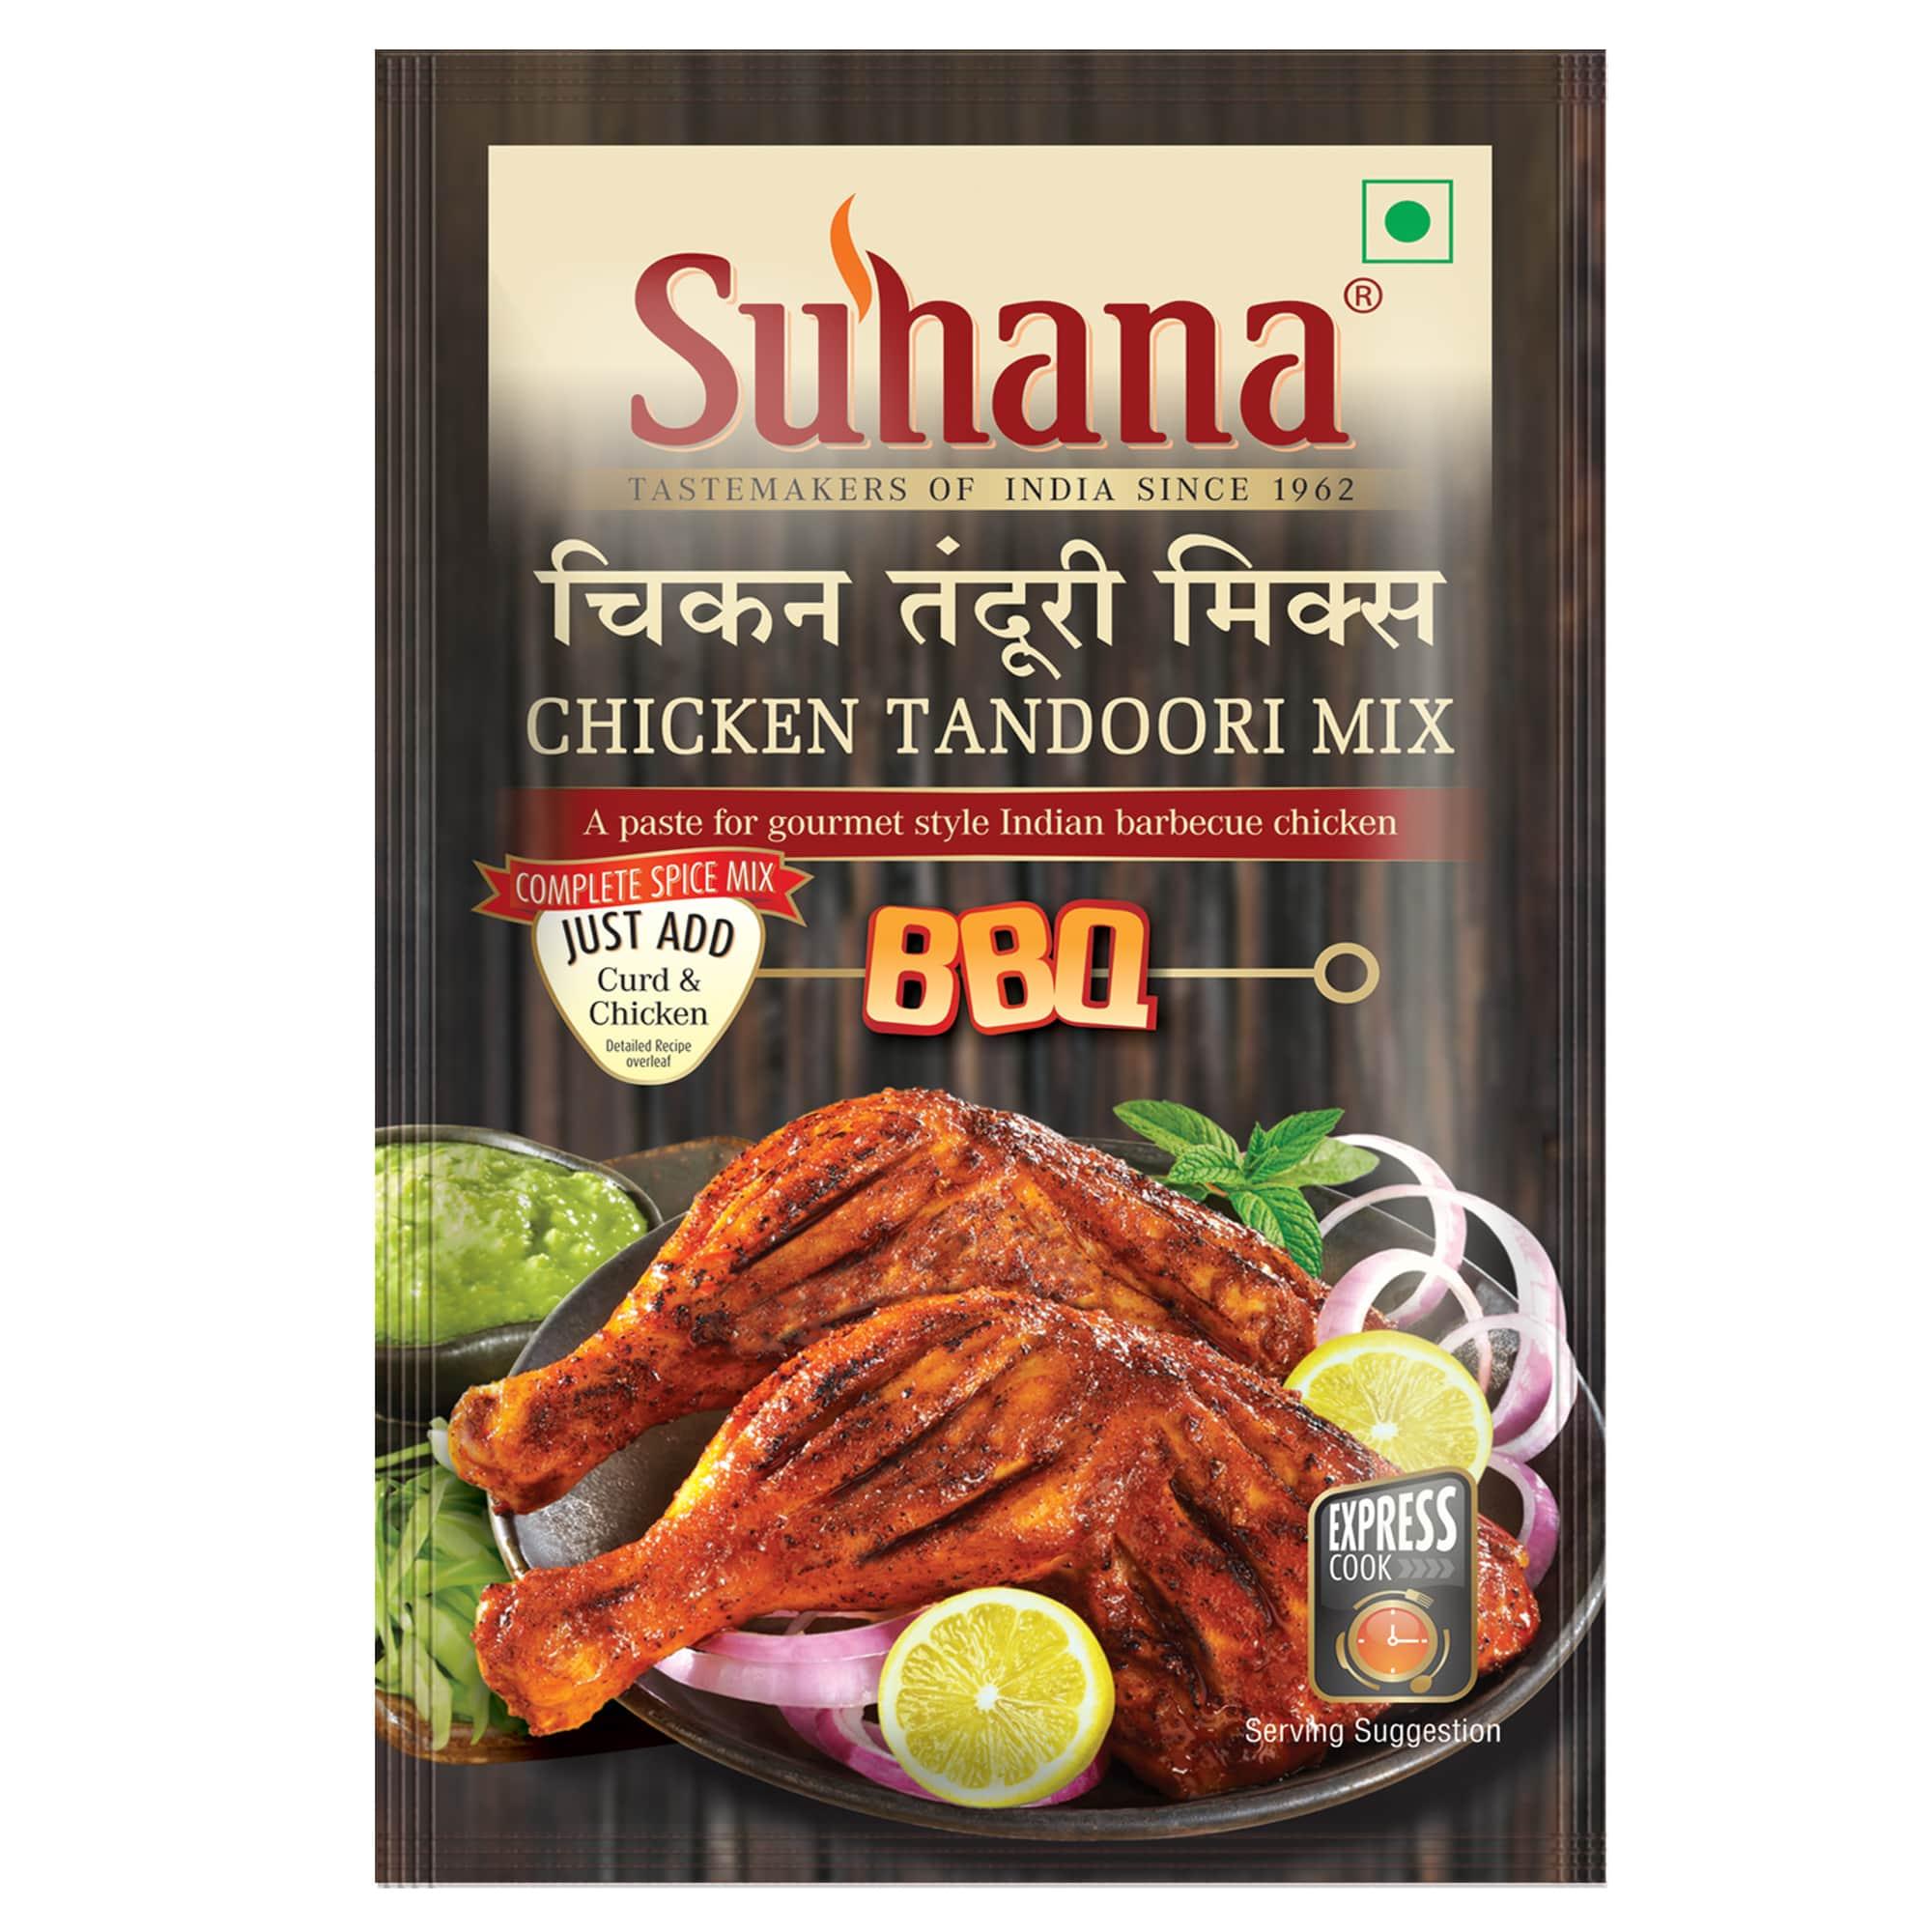 Suhana Chicken Tandoori (Paste) Spice Mix 100g Pouch